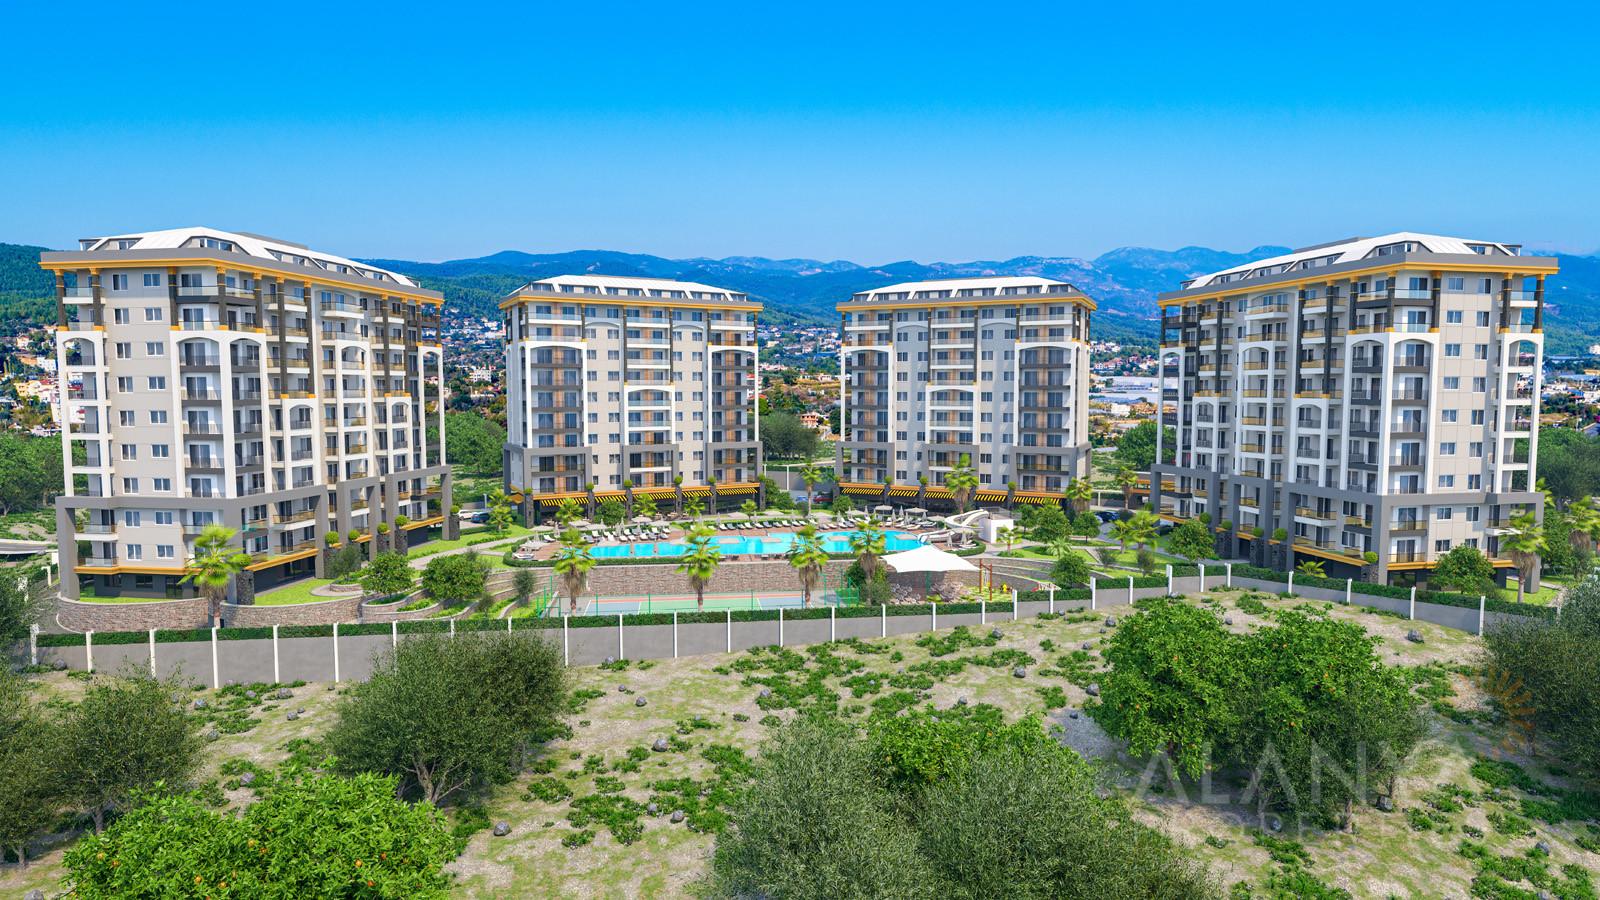 Emerald Paradise Alanya Avsallar'da satılık lüks daireler